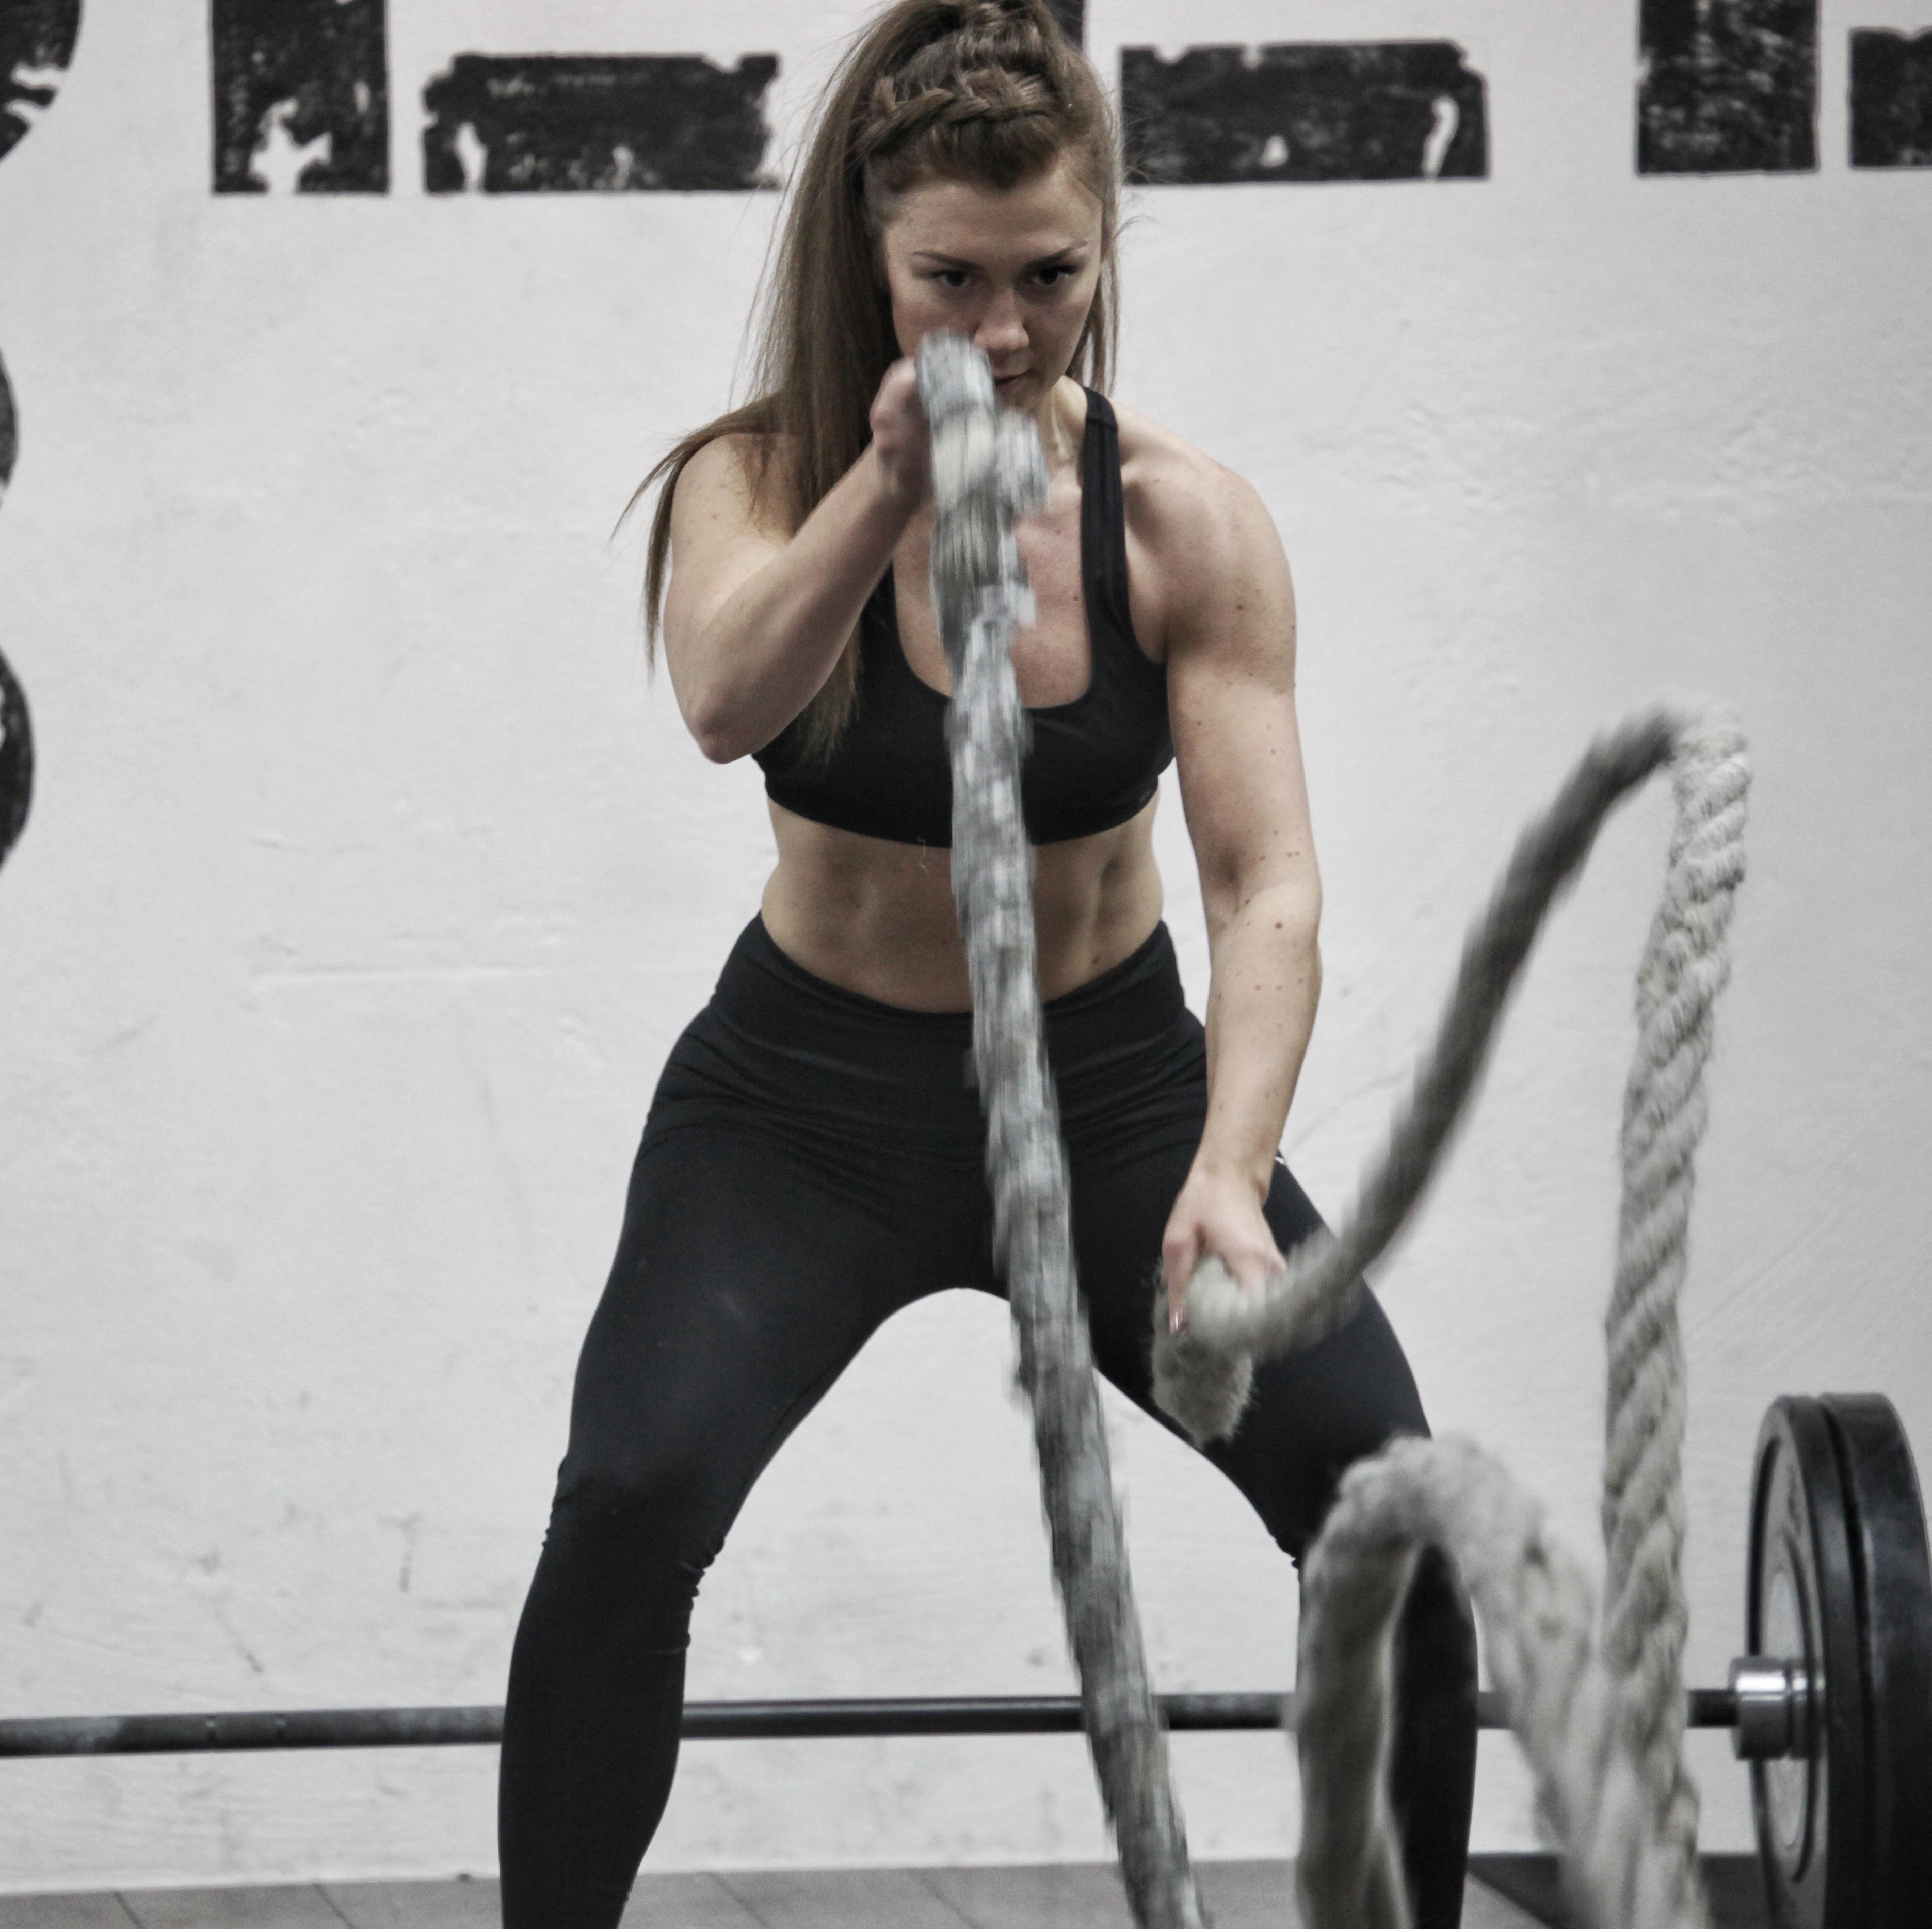 Sandra Vainkovaite